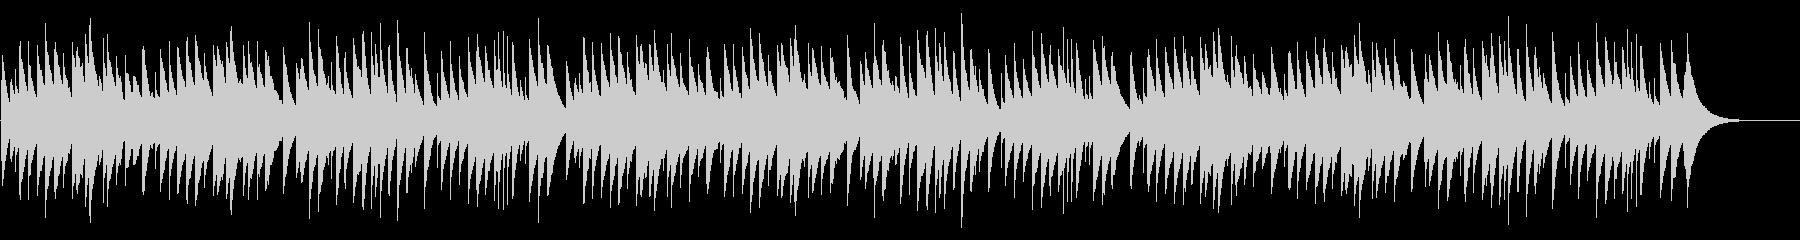 ひいらぎかざろう カード式オルゴールの未再生の波形